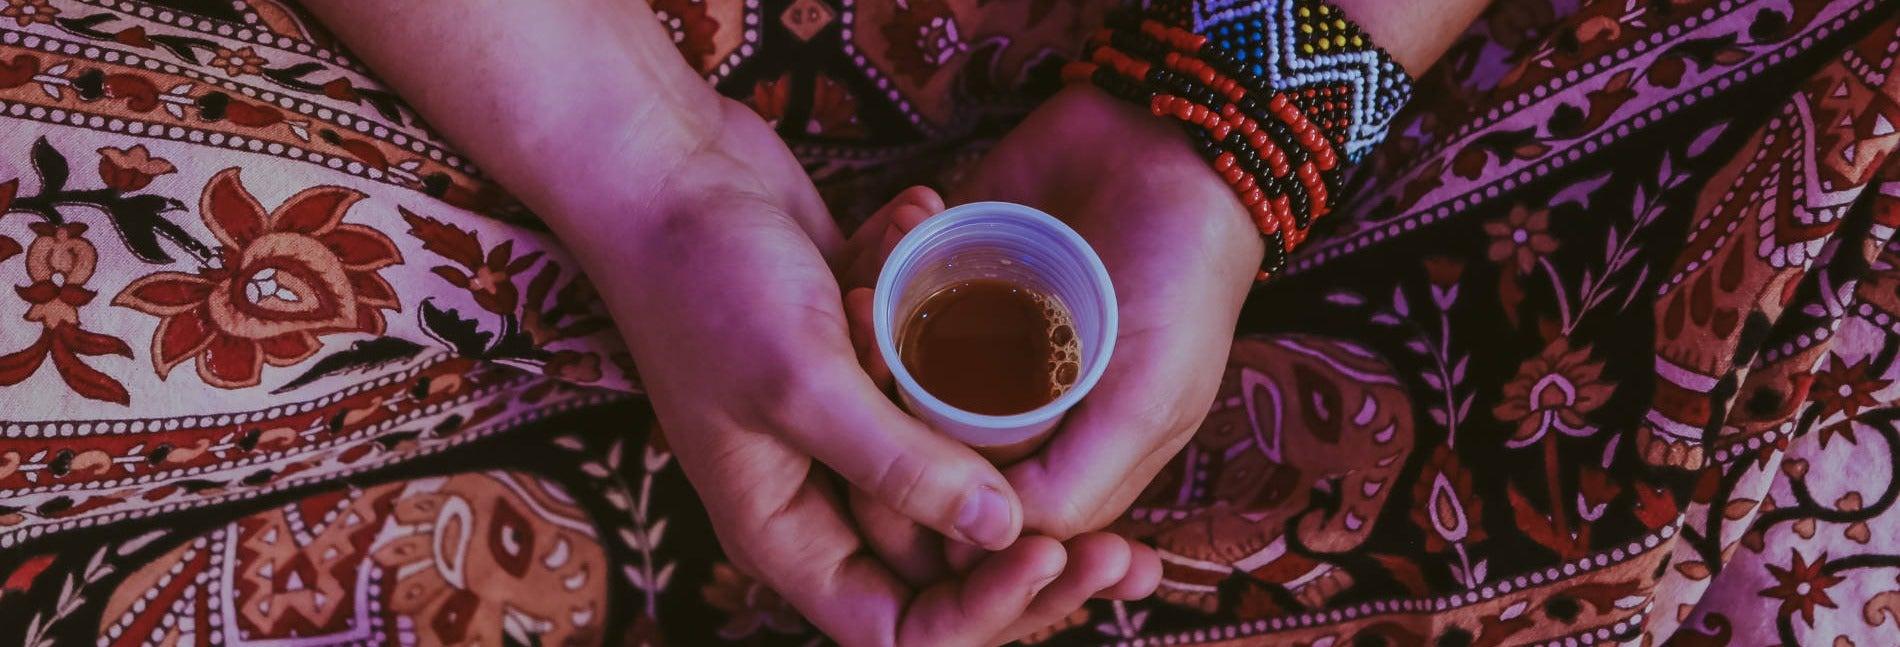 Cerimônia de ayahuasca em Rurrenbaque